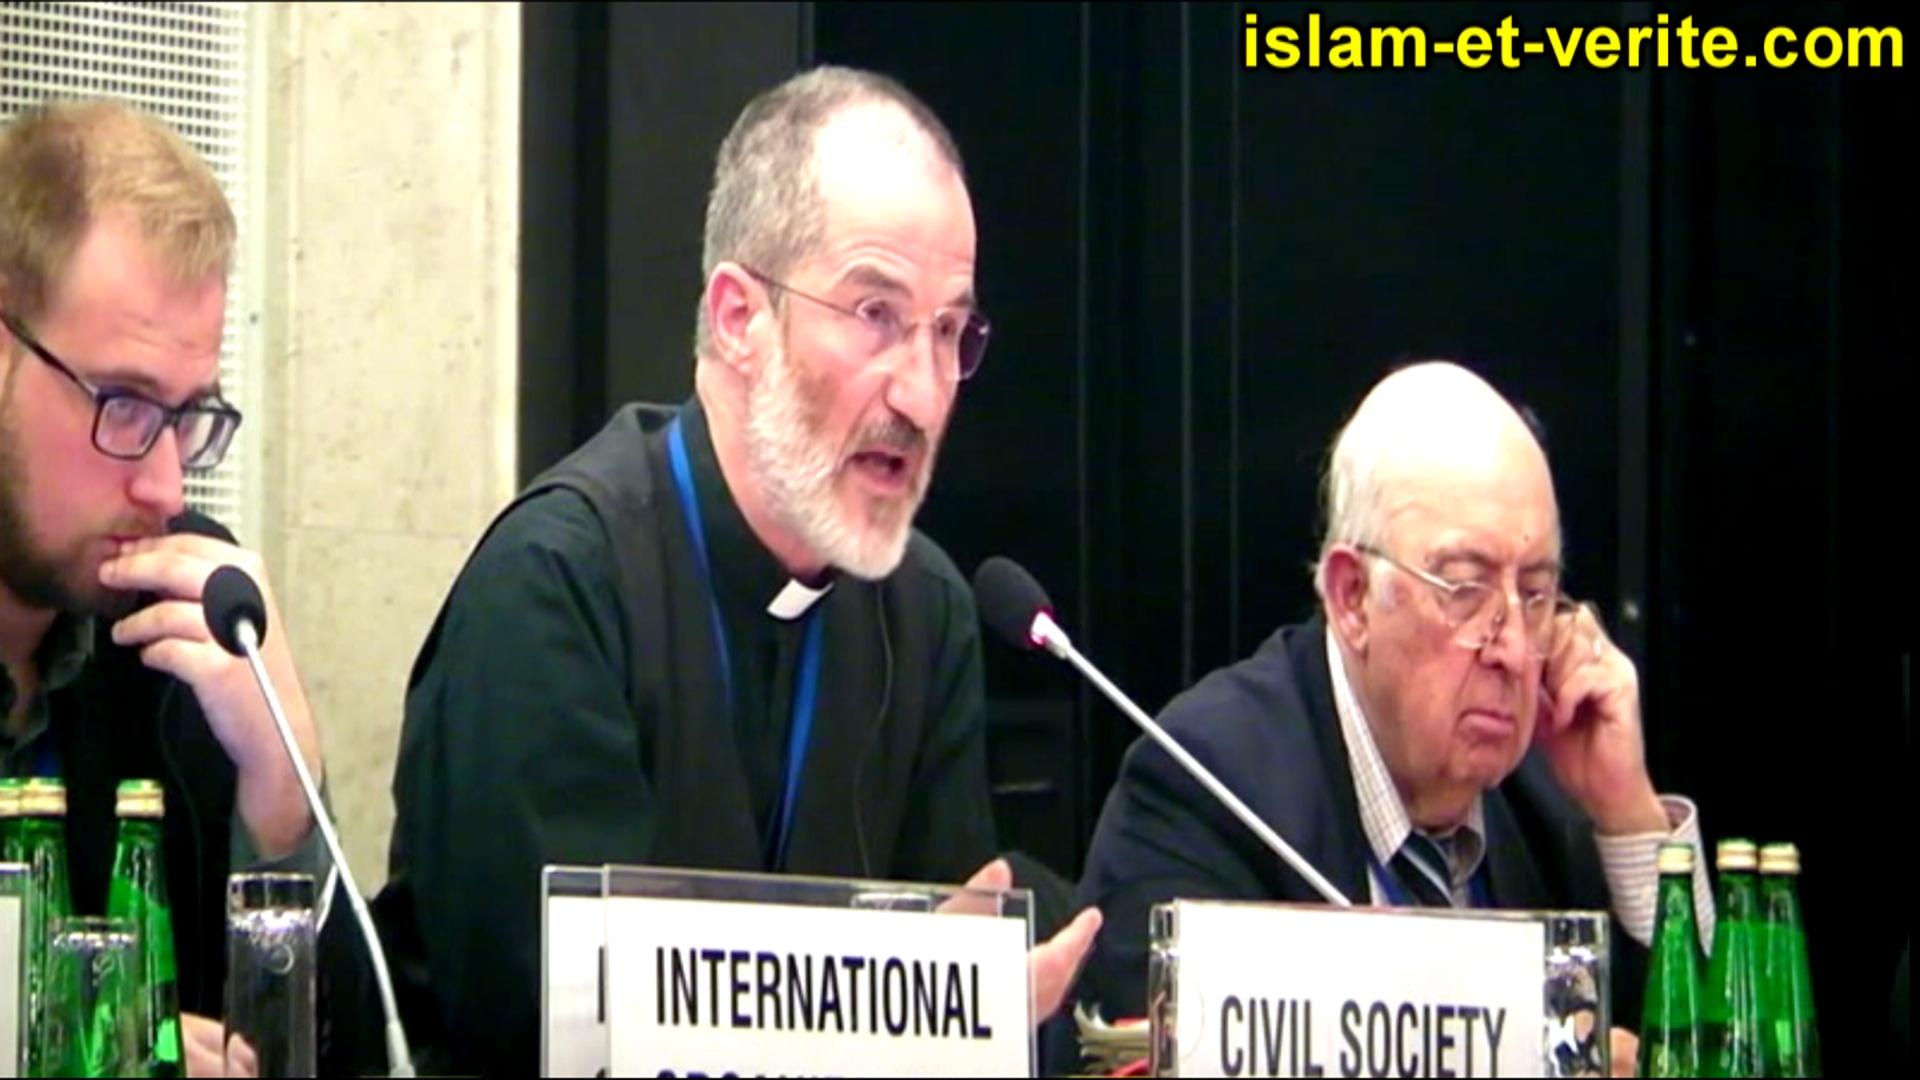 L'Abbé Pagès à l'OSCE le 27.09.16 p.m.